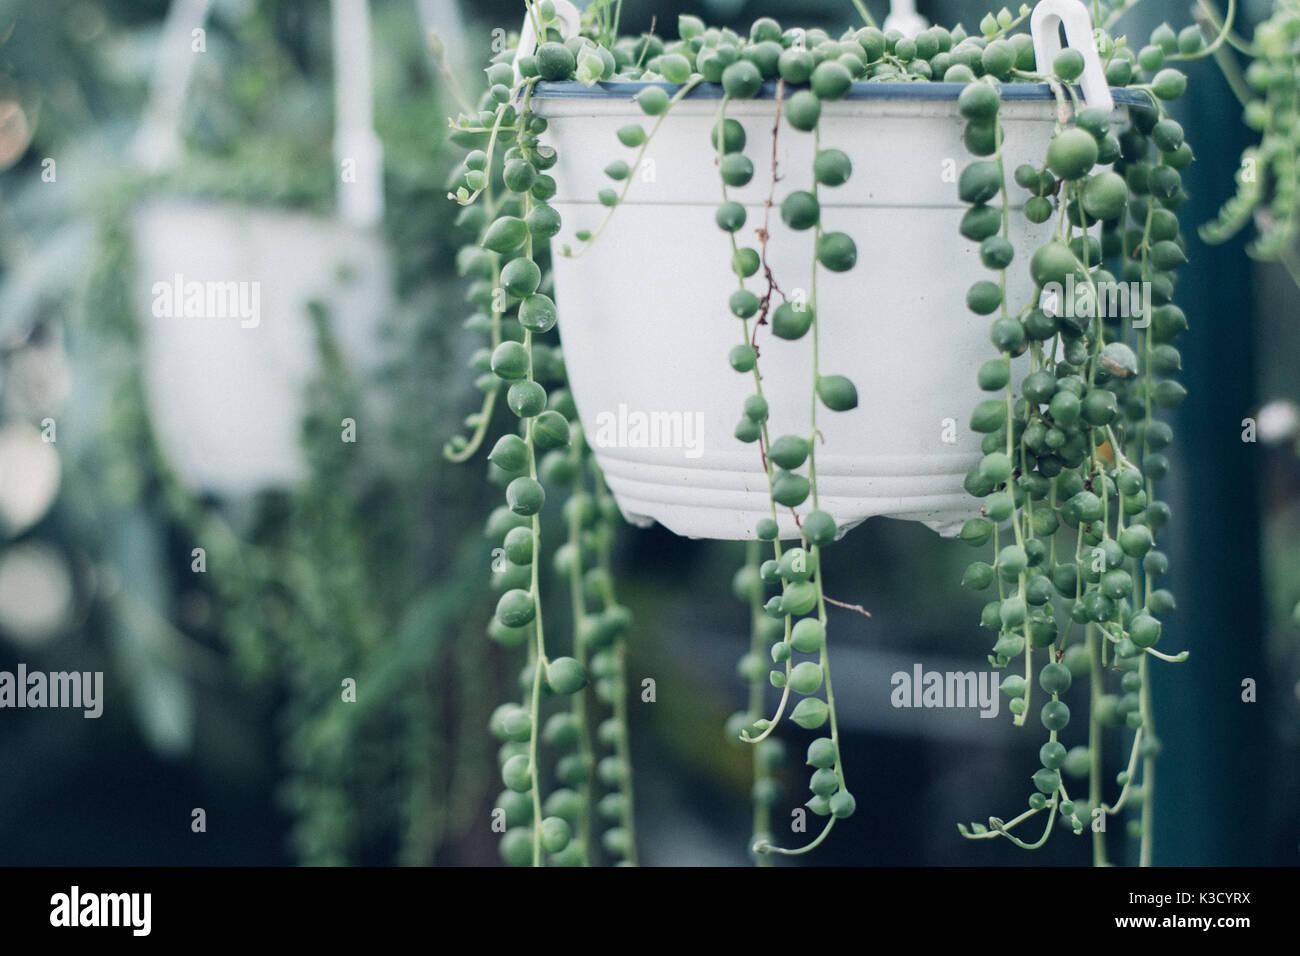 Filo di Perle di piante succulente appesi in una serra, che simboleggiano la calma e la serenità con spazio per la copia Immagini Stock